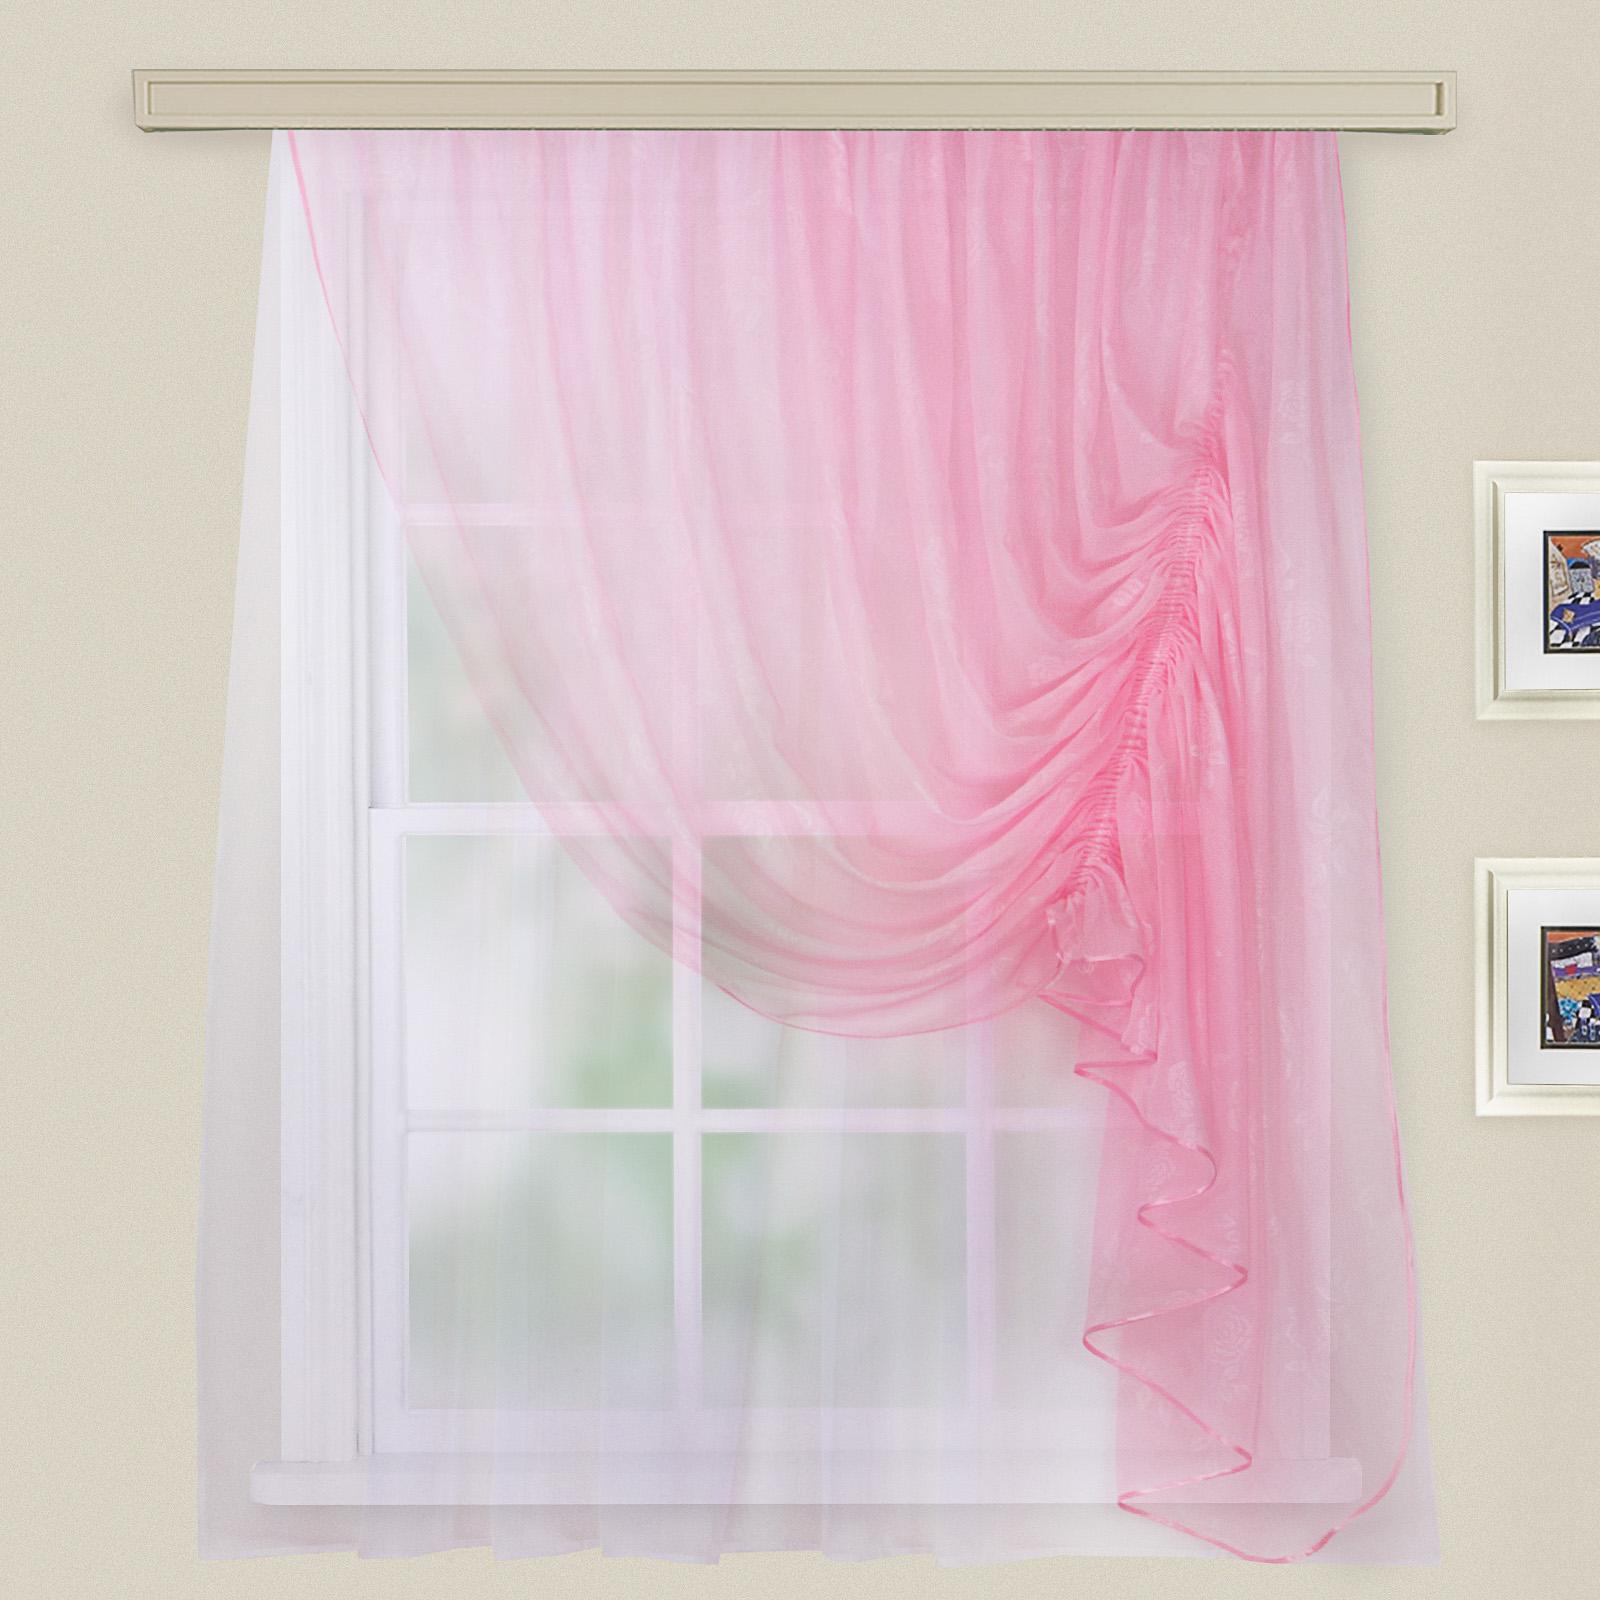 Купить Шторы Witerra, Императорские шторы Муза Цвет: Светло-Розовый, Россия, Вуаль